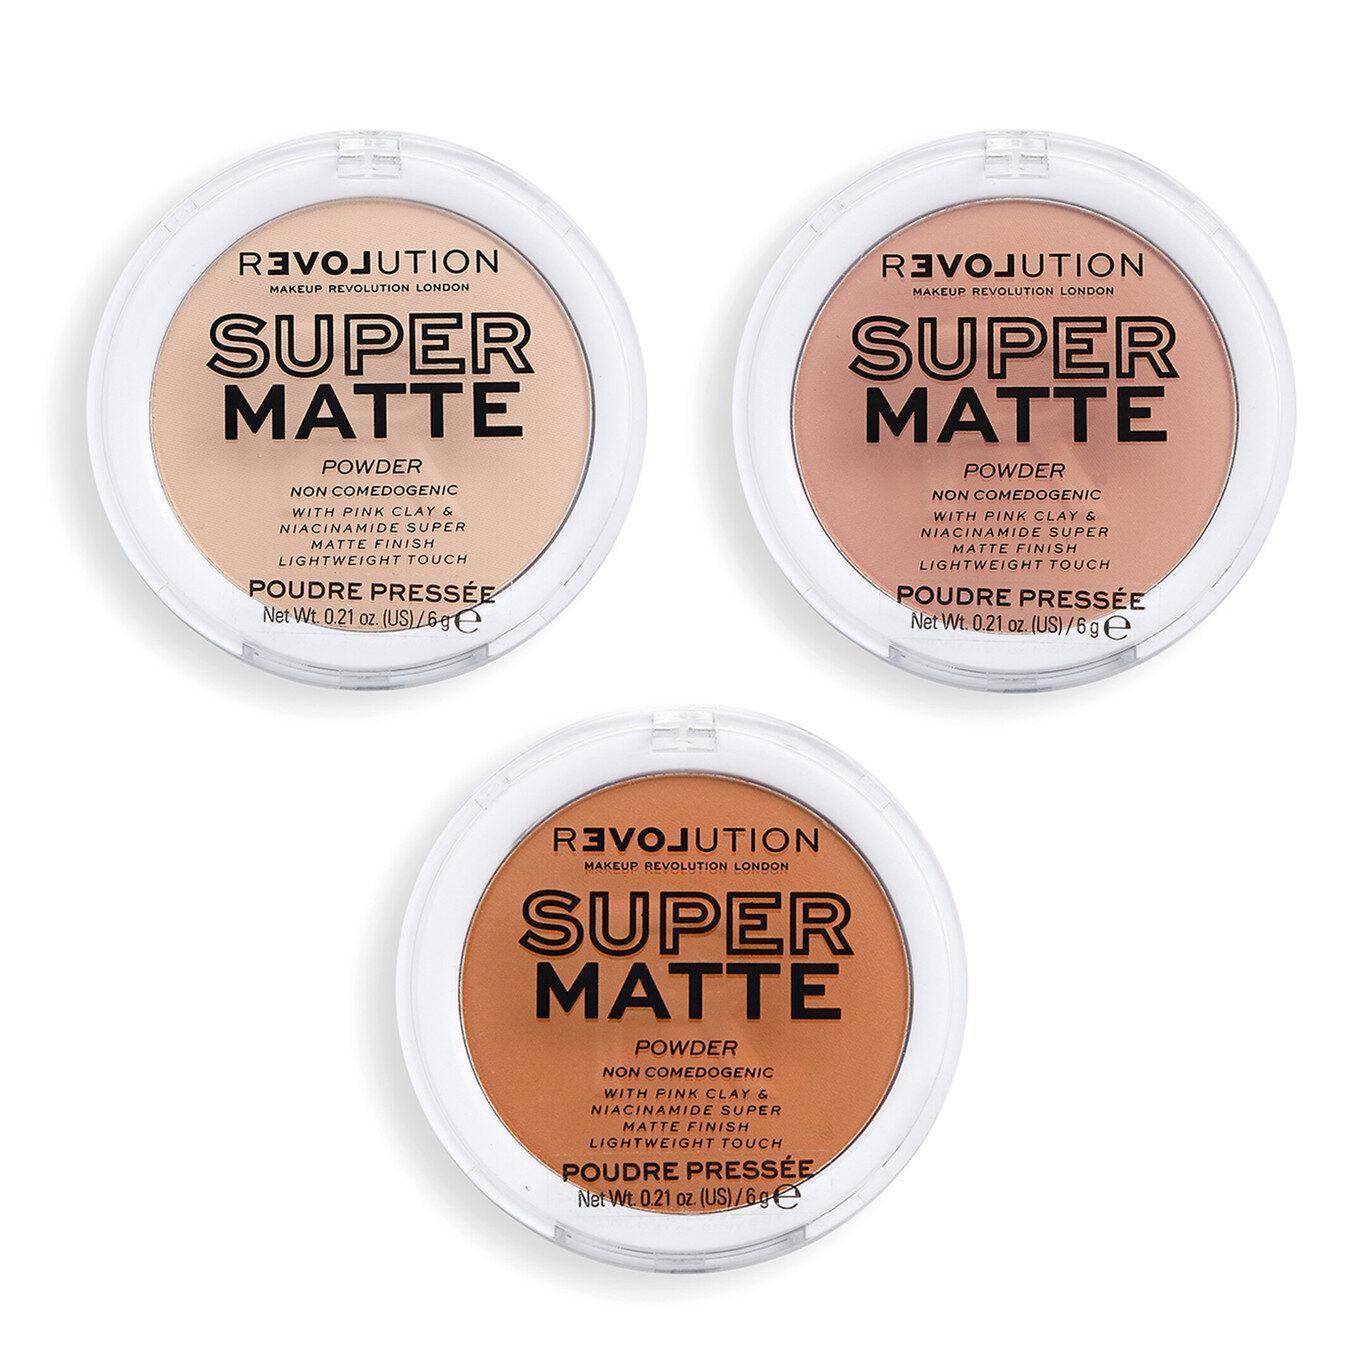 ReLove by Revolution Super Matte Pressed Powder